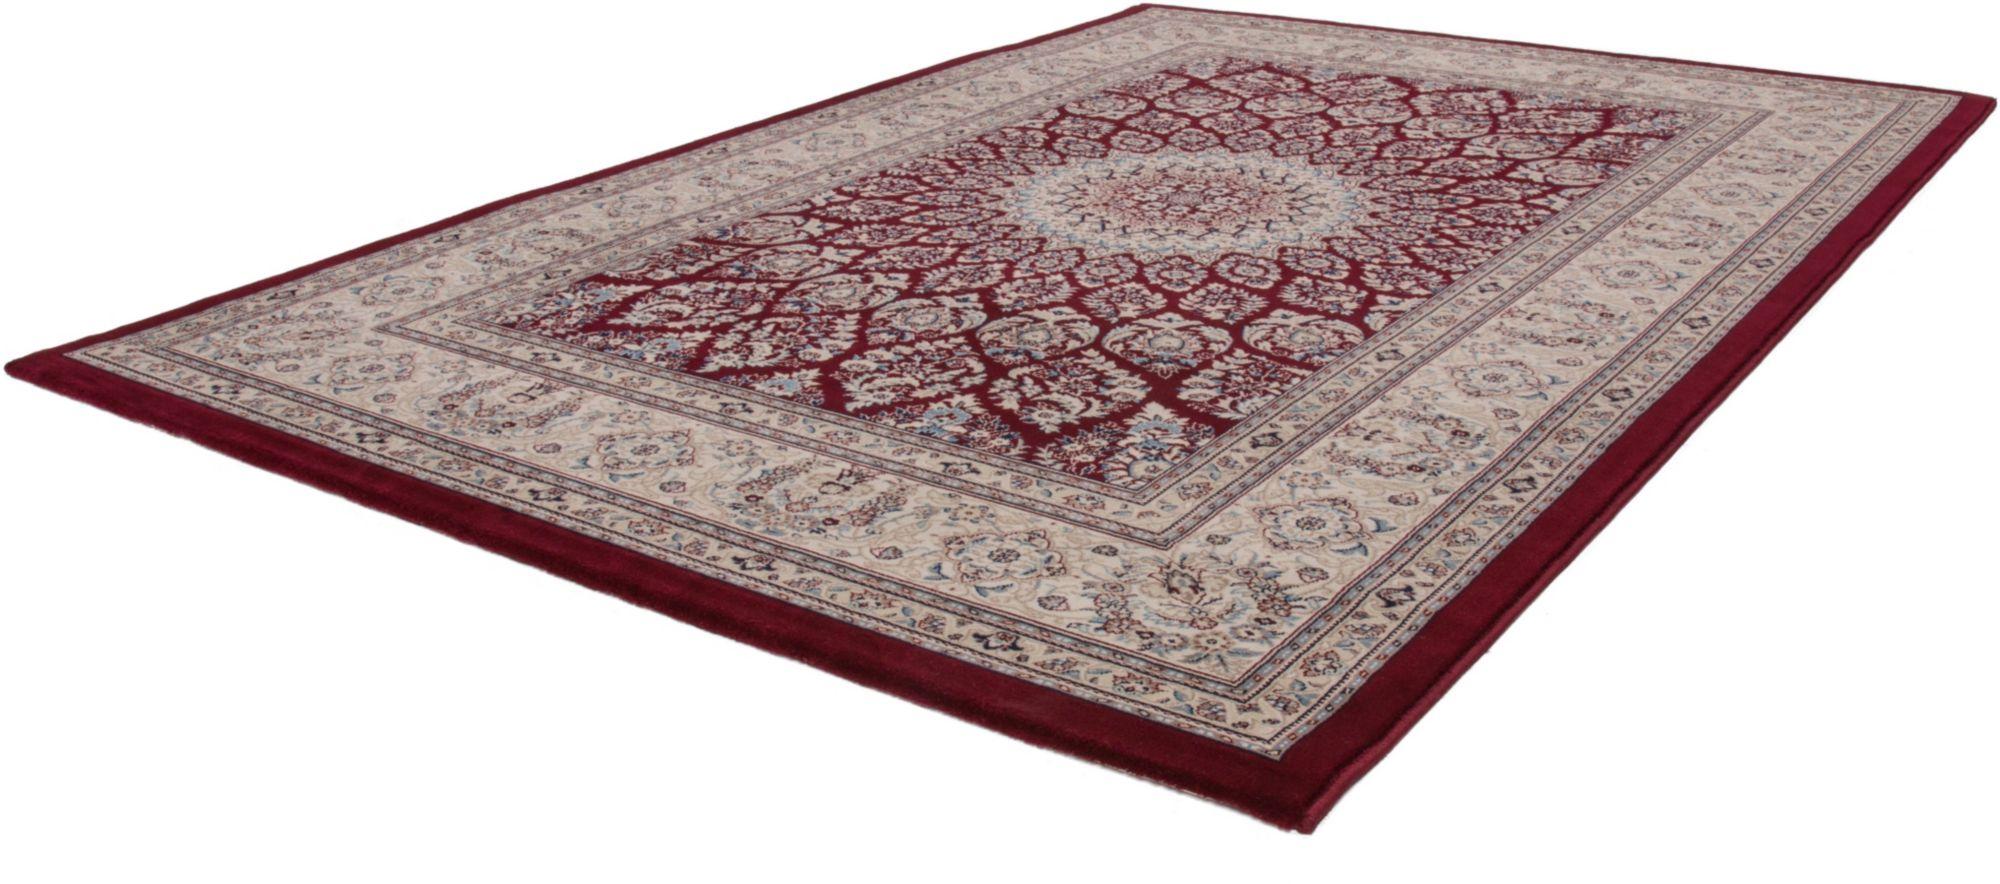 Orientteppich, »Mashad 130«, Lalee, rechteckig, Höhe 15 mm, maschinell gewebt